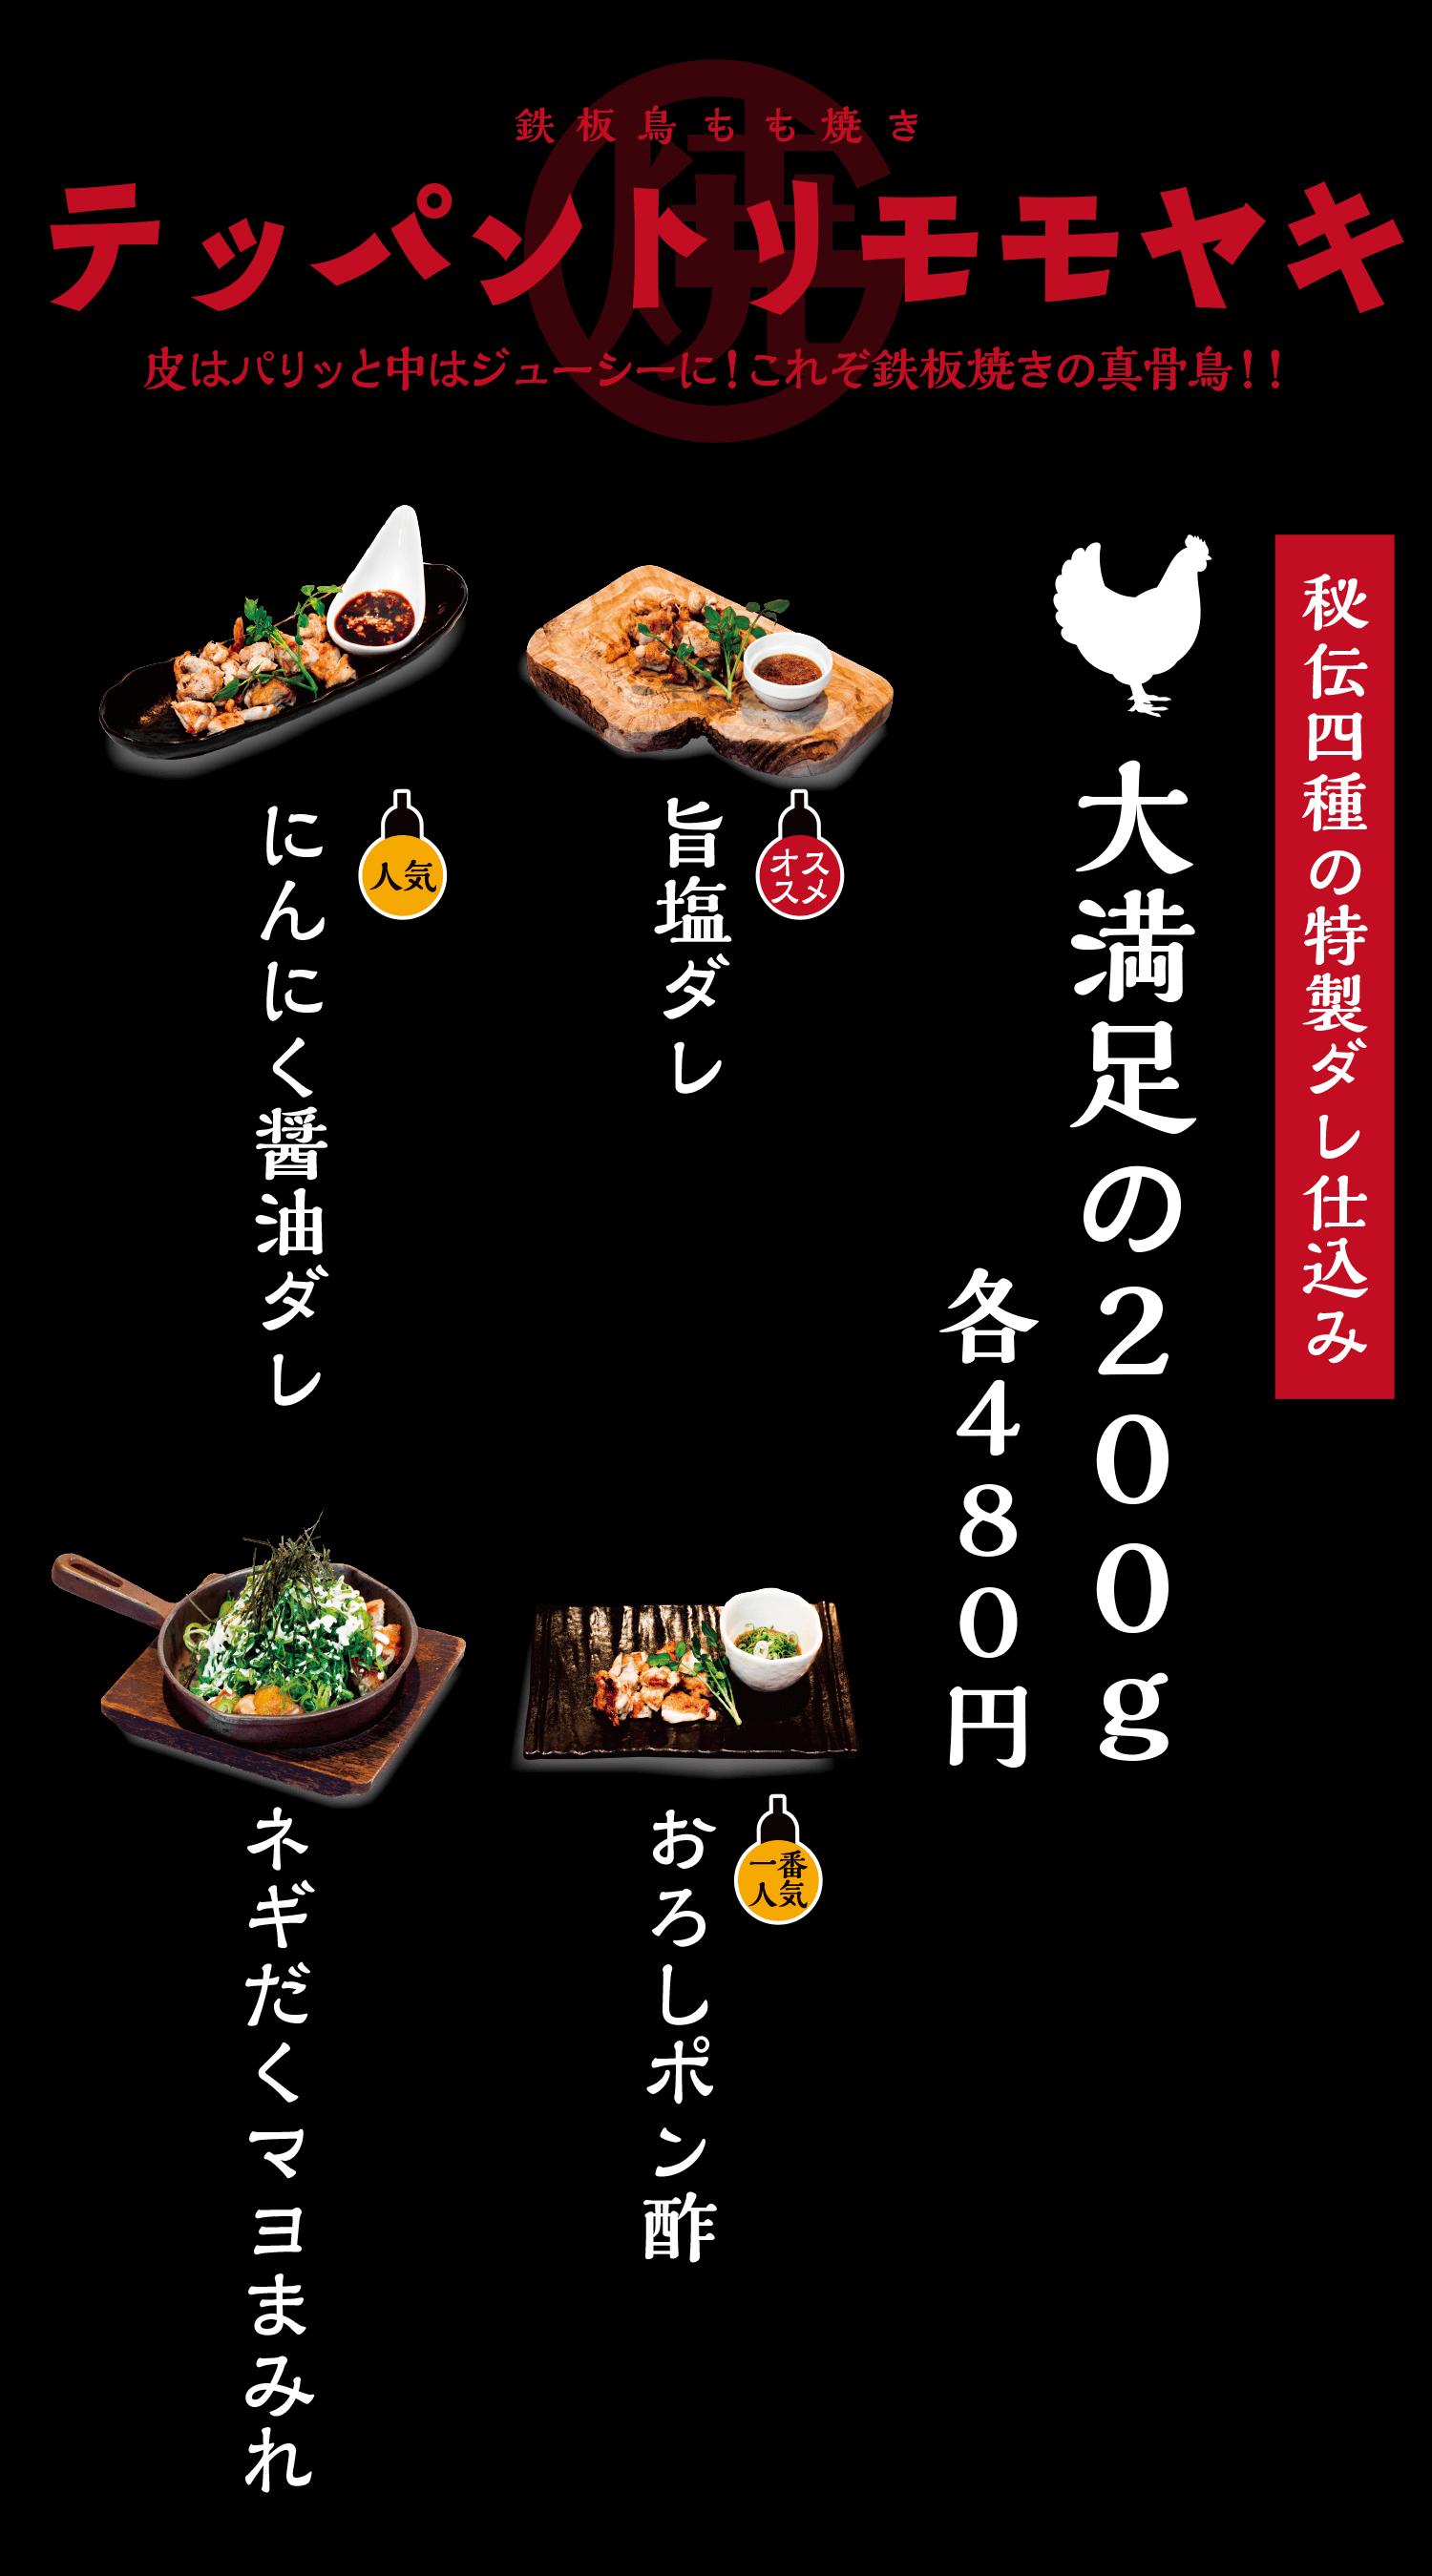 鉄板鶏モモ焼きメニュー画像